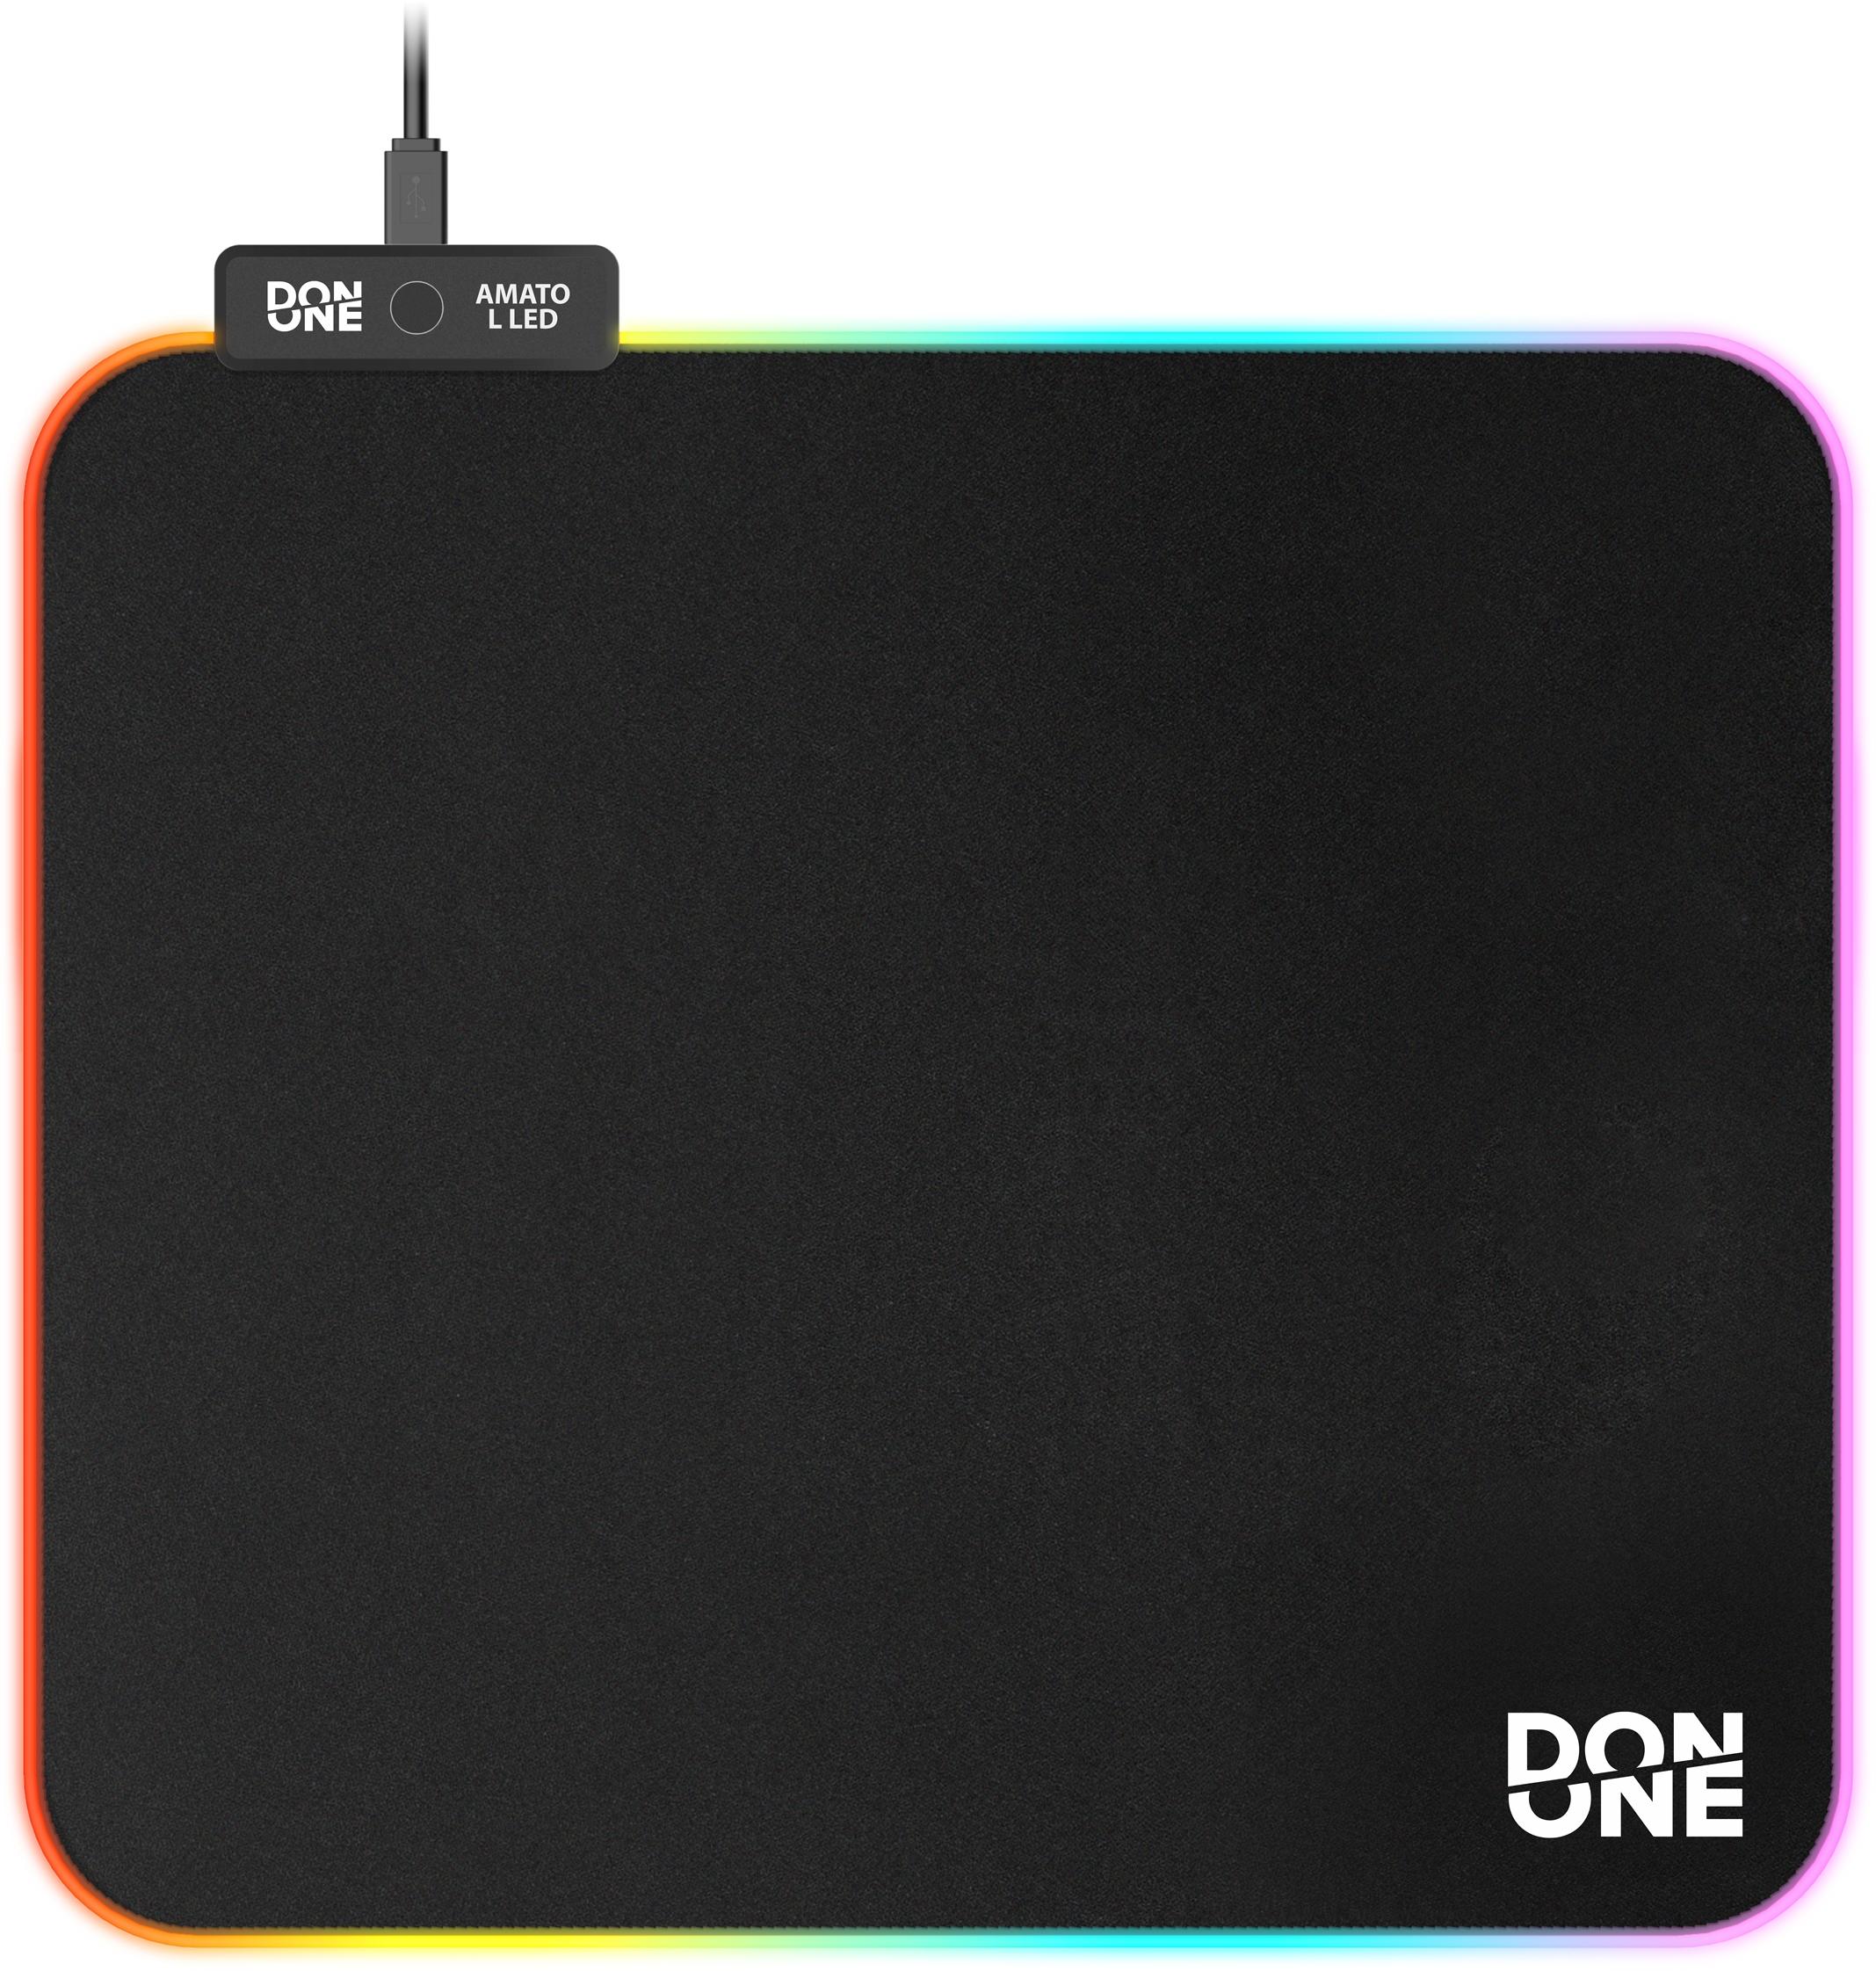 Billede af DON ONE - AMATO LED Musemåtte Soft Surface - Large L (45 x 40 CM)